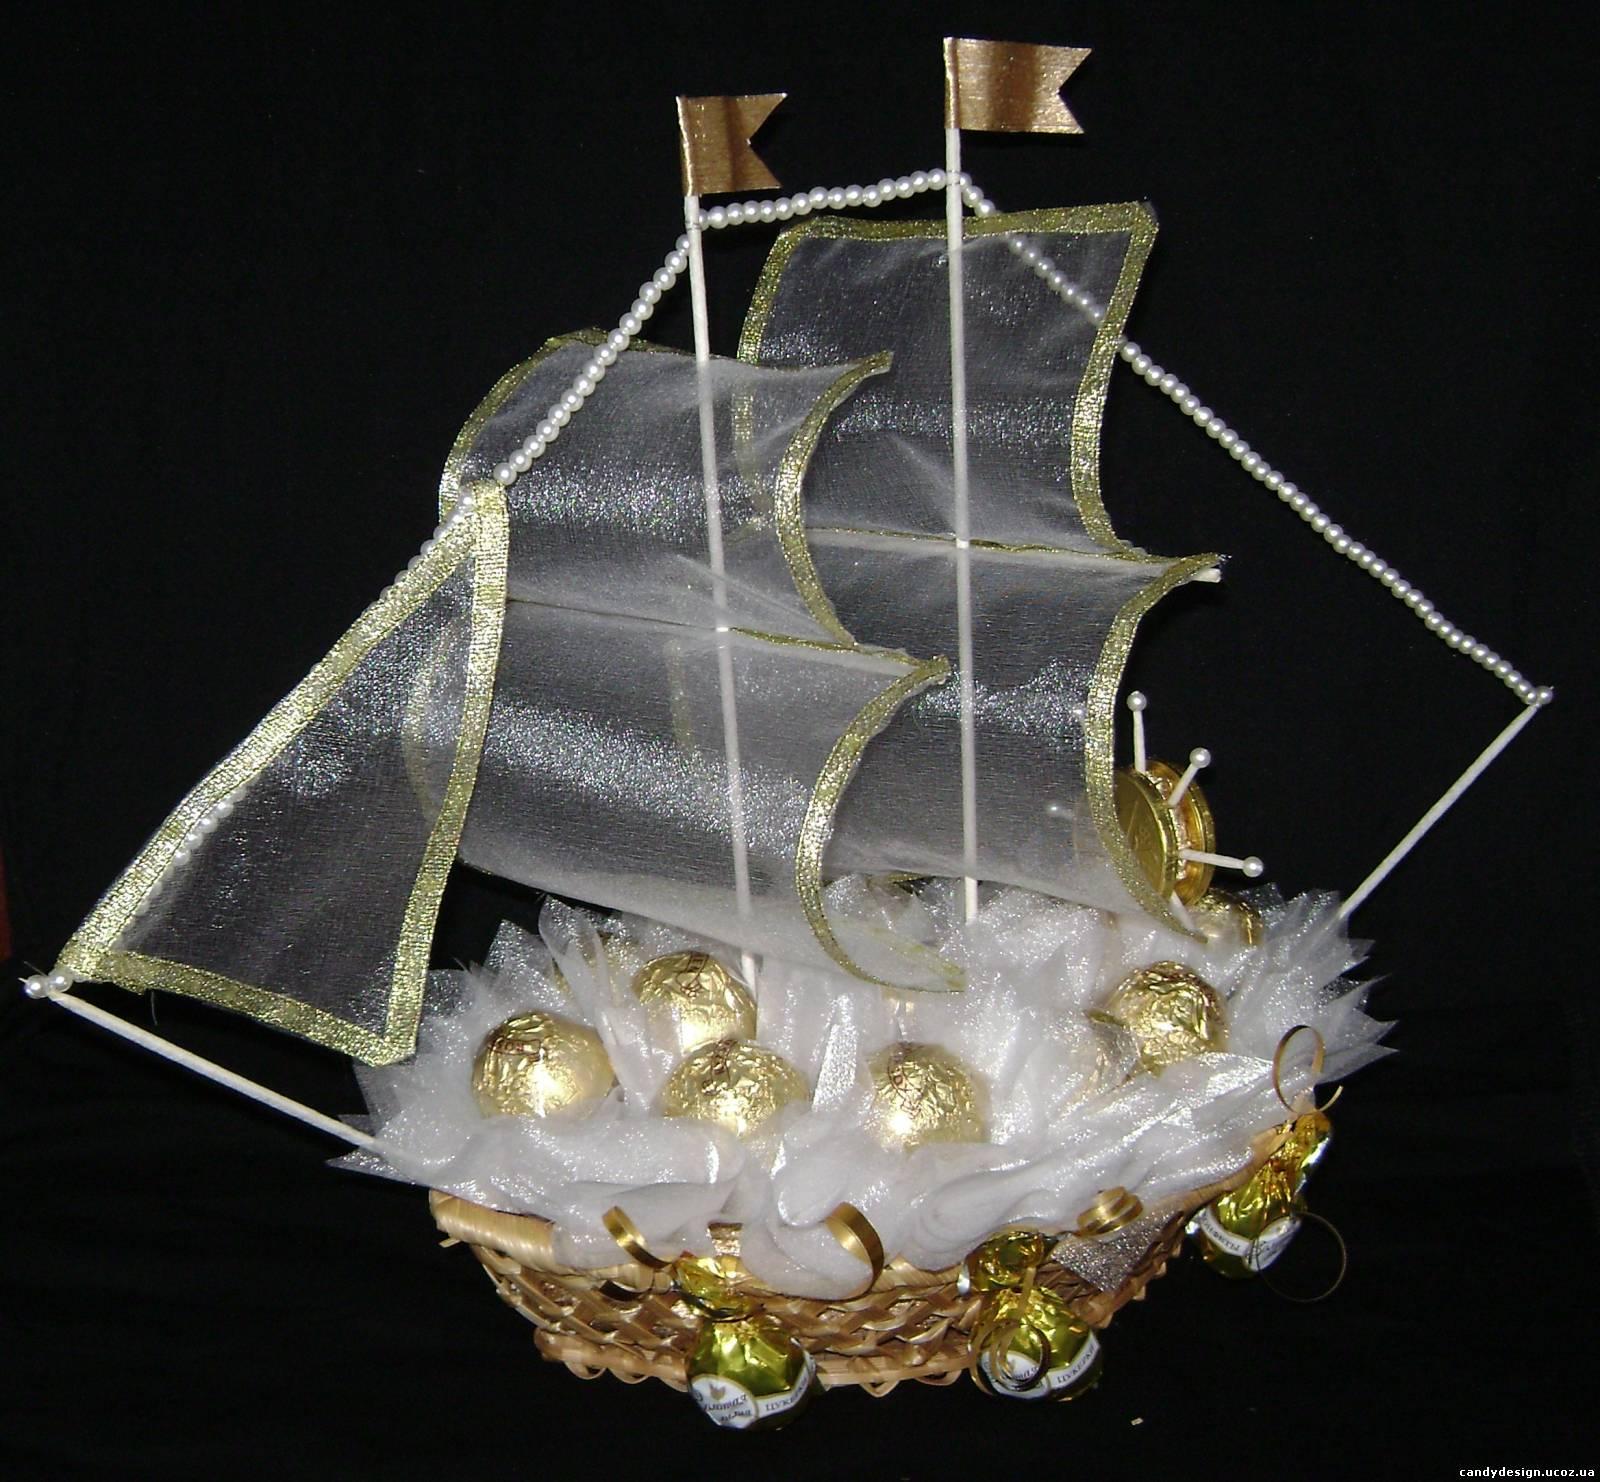 поздравление к подарку корабль из денег ценнее моменты